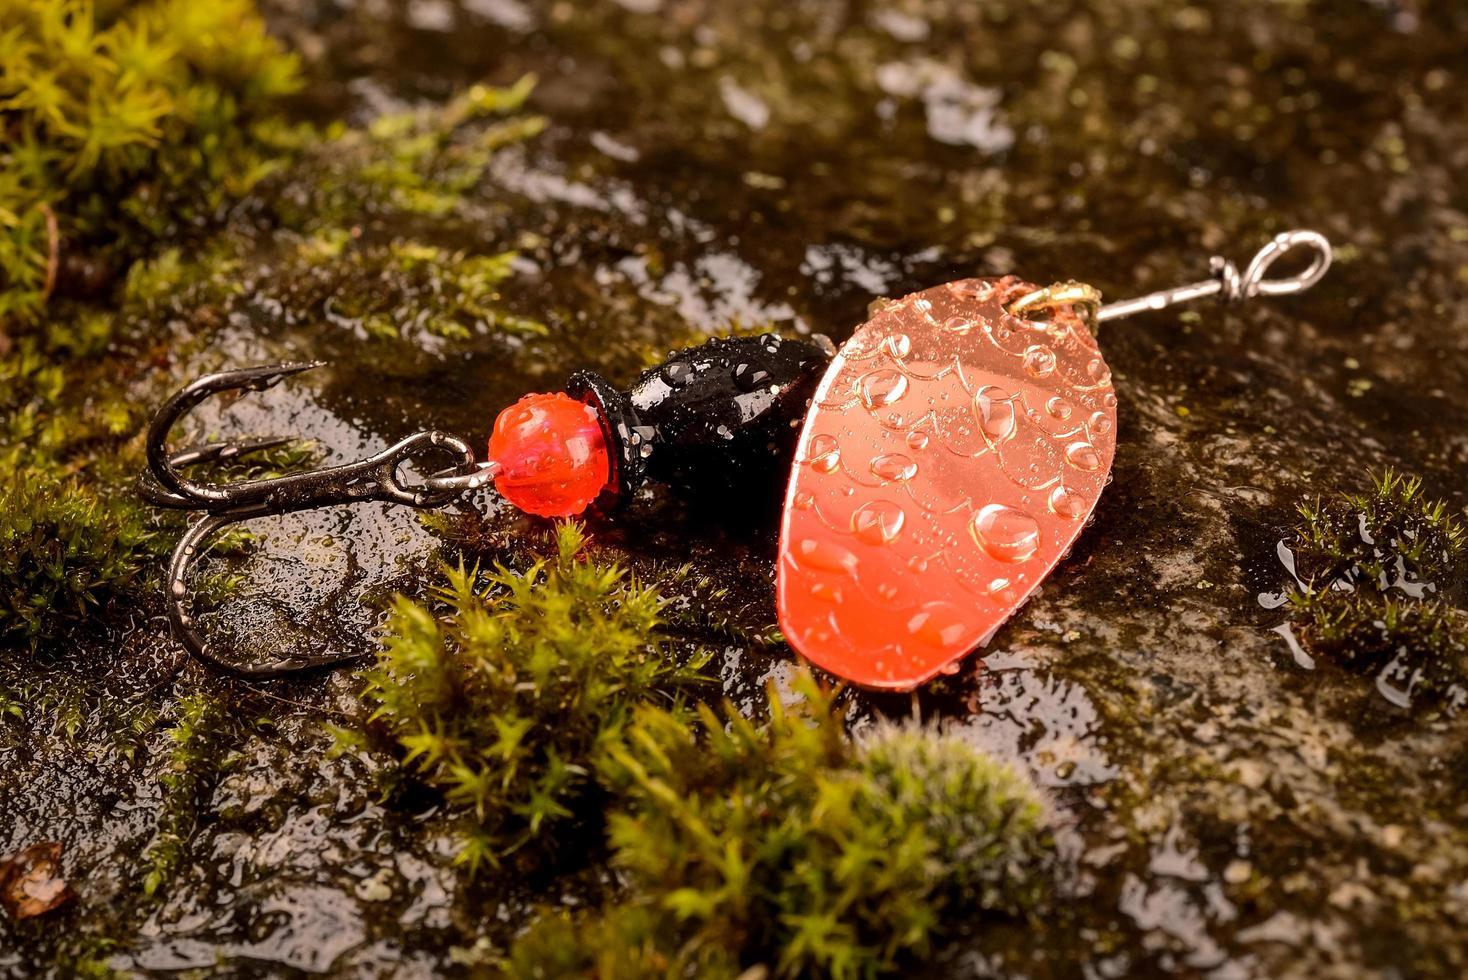 Señuelo de cuchara de pesca en piedra mojada con musgo foto